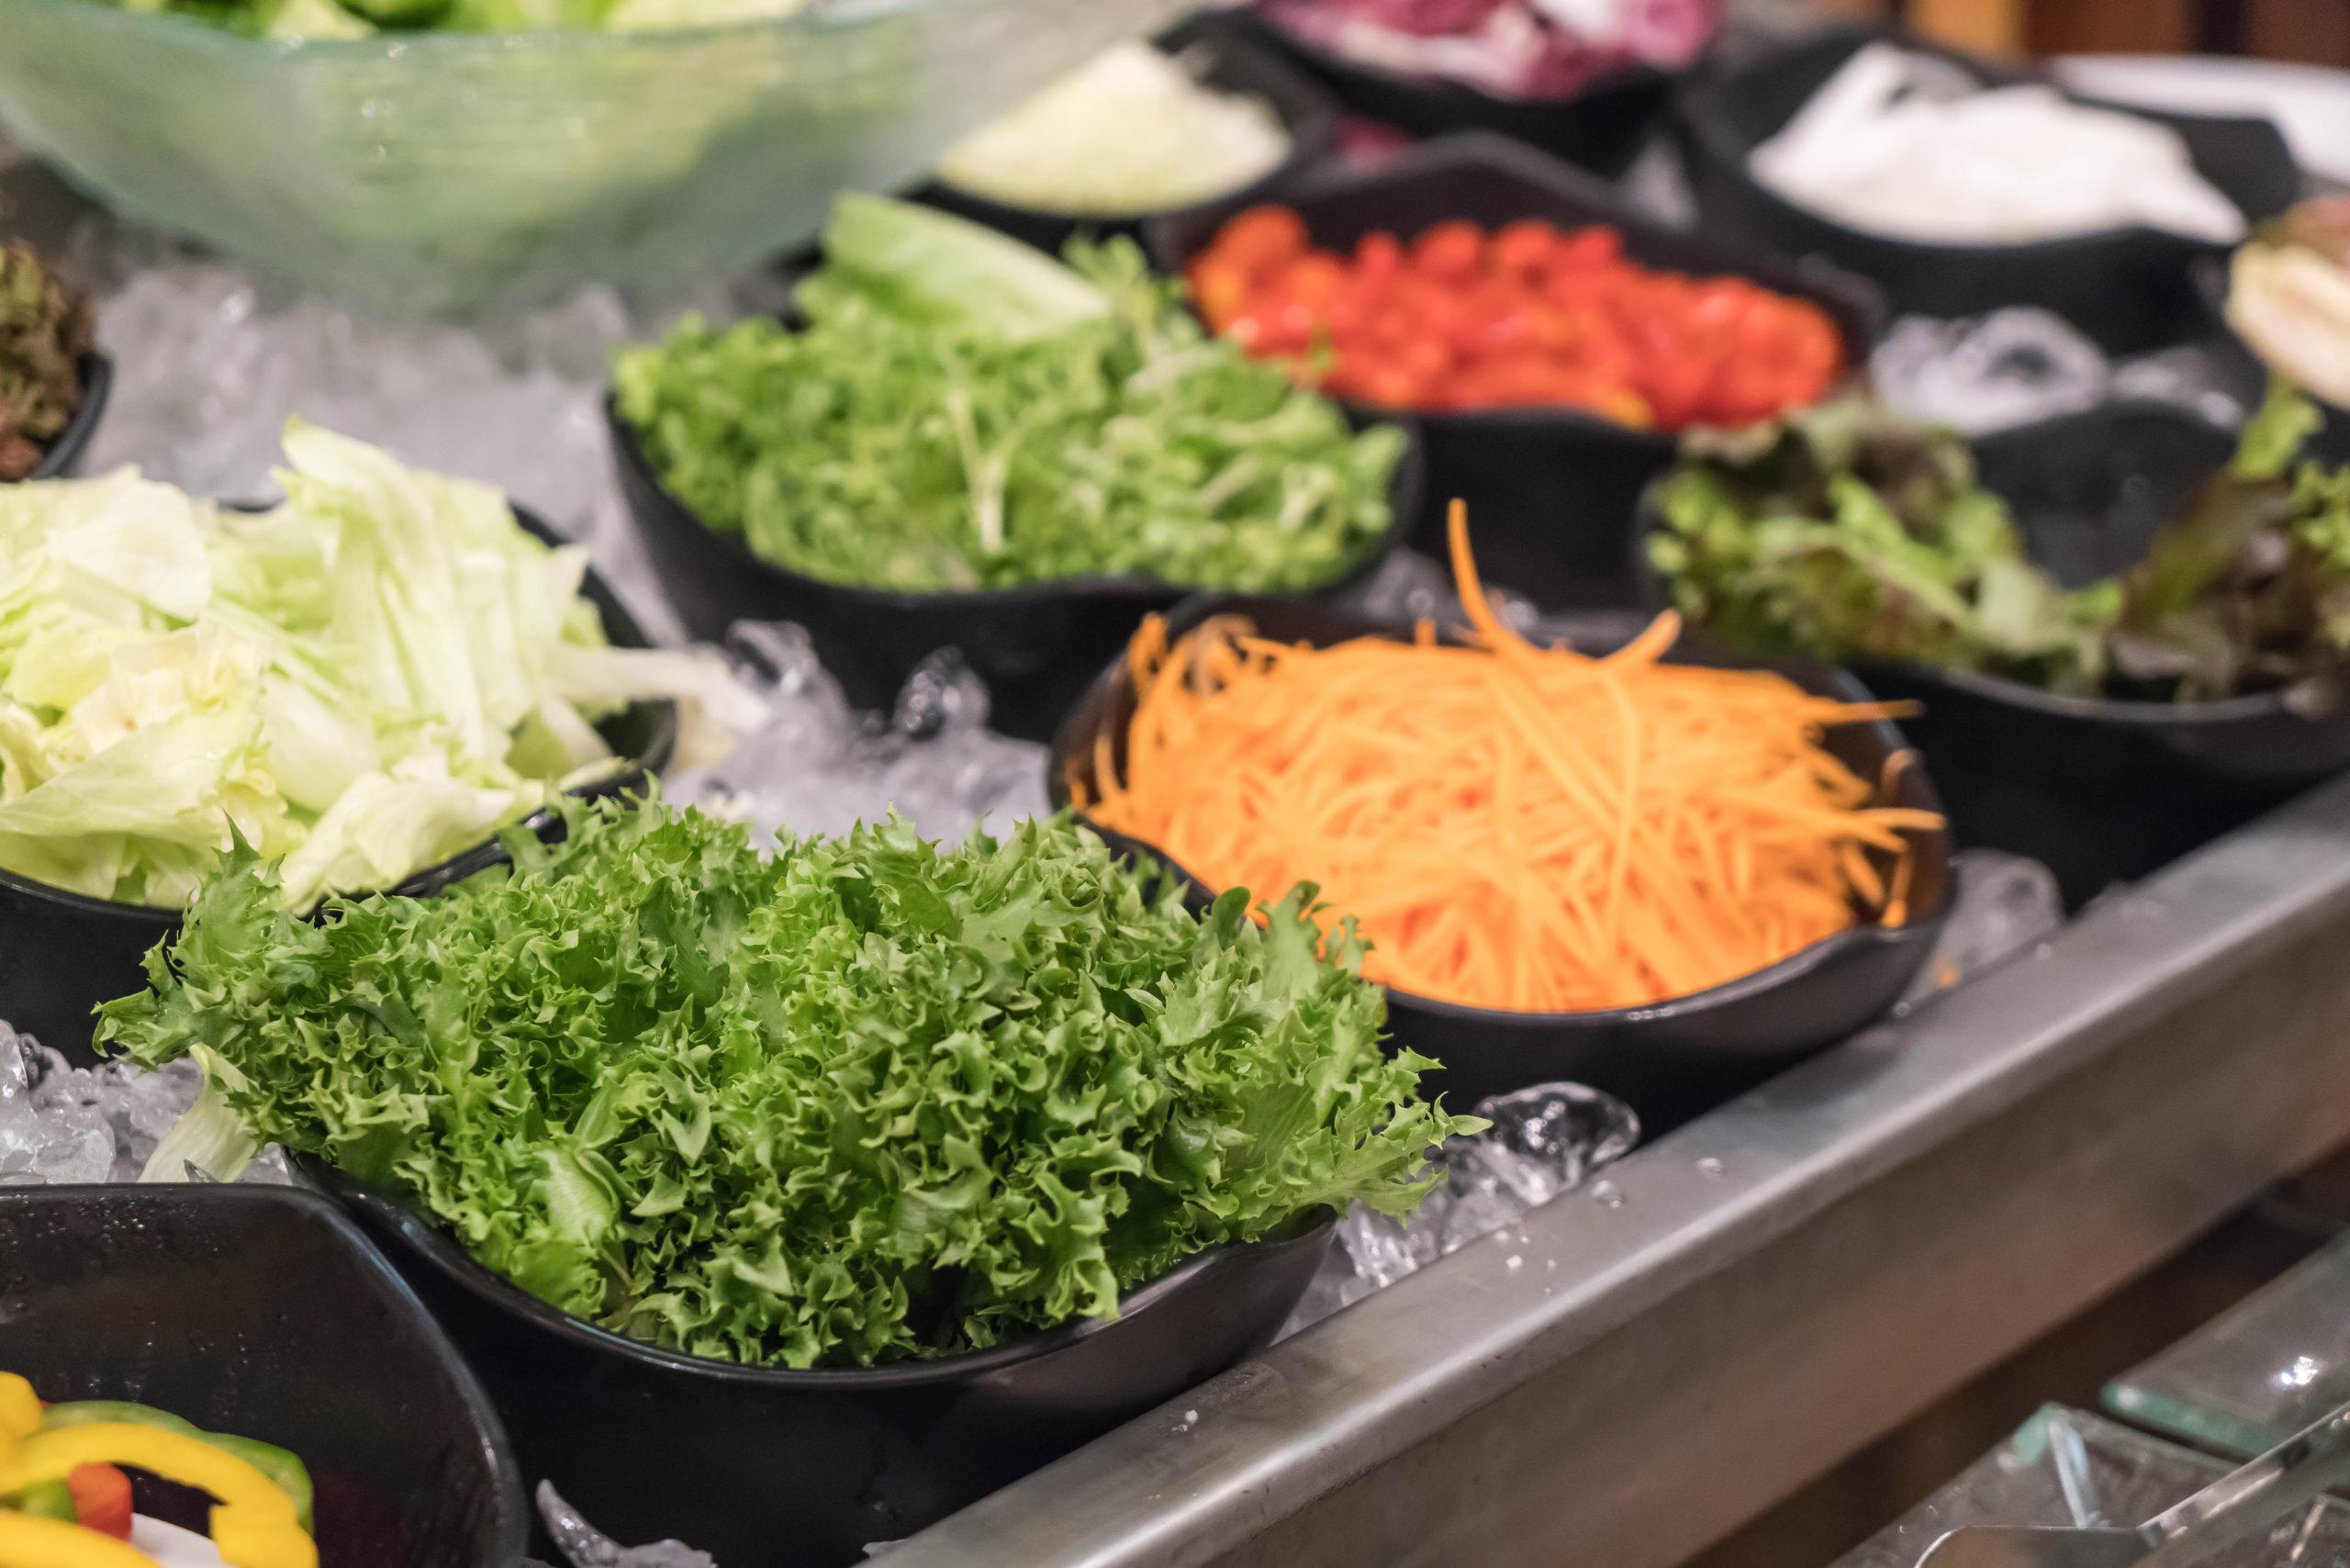 Le boom des bars à salade